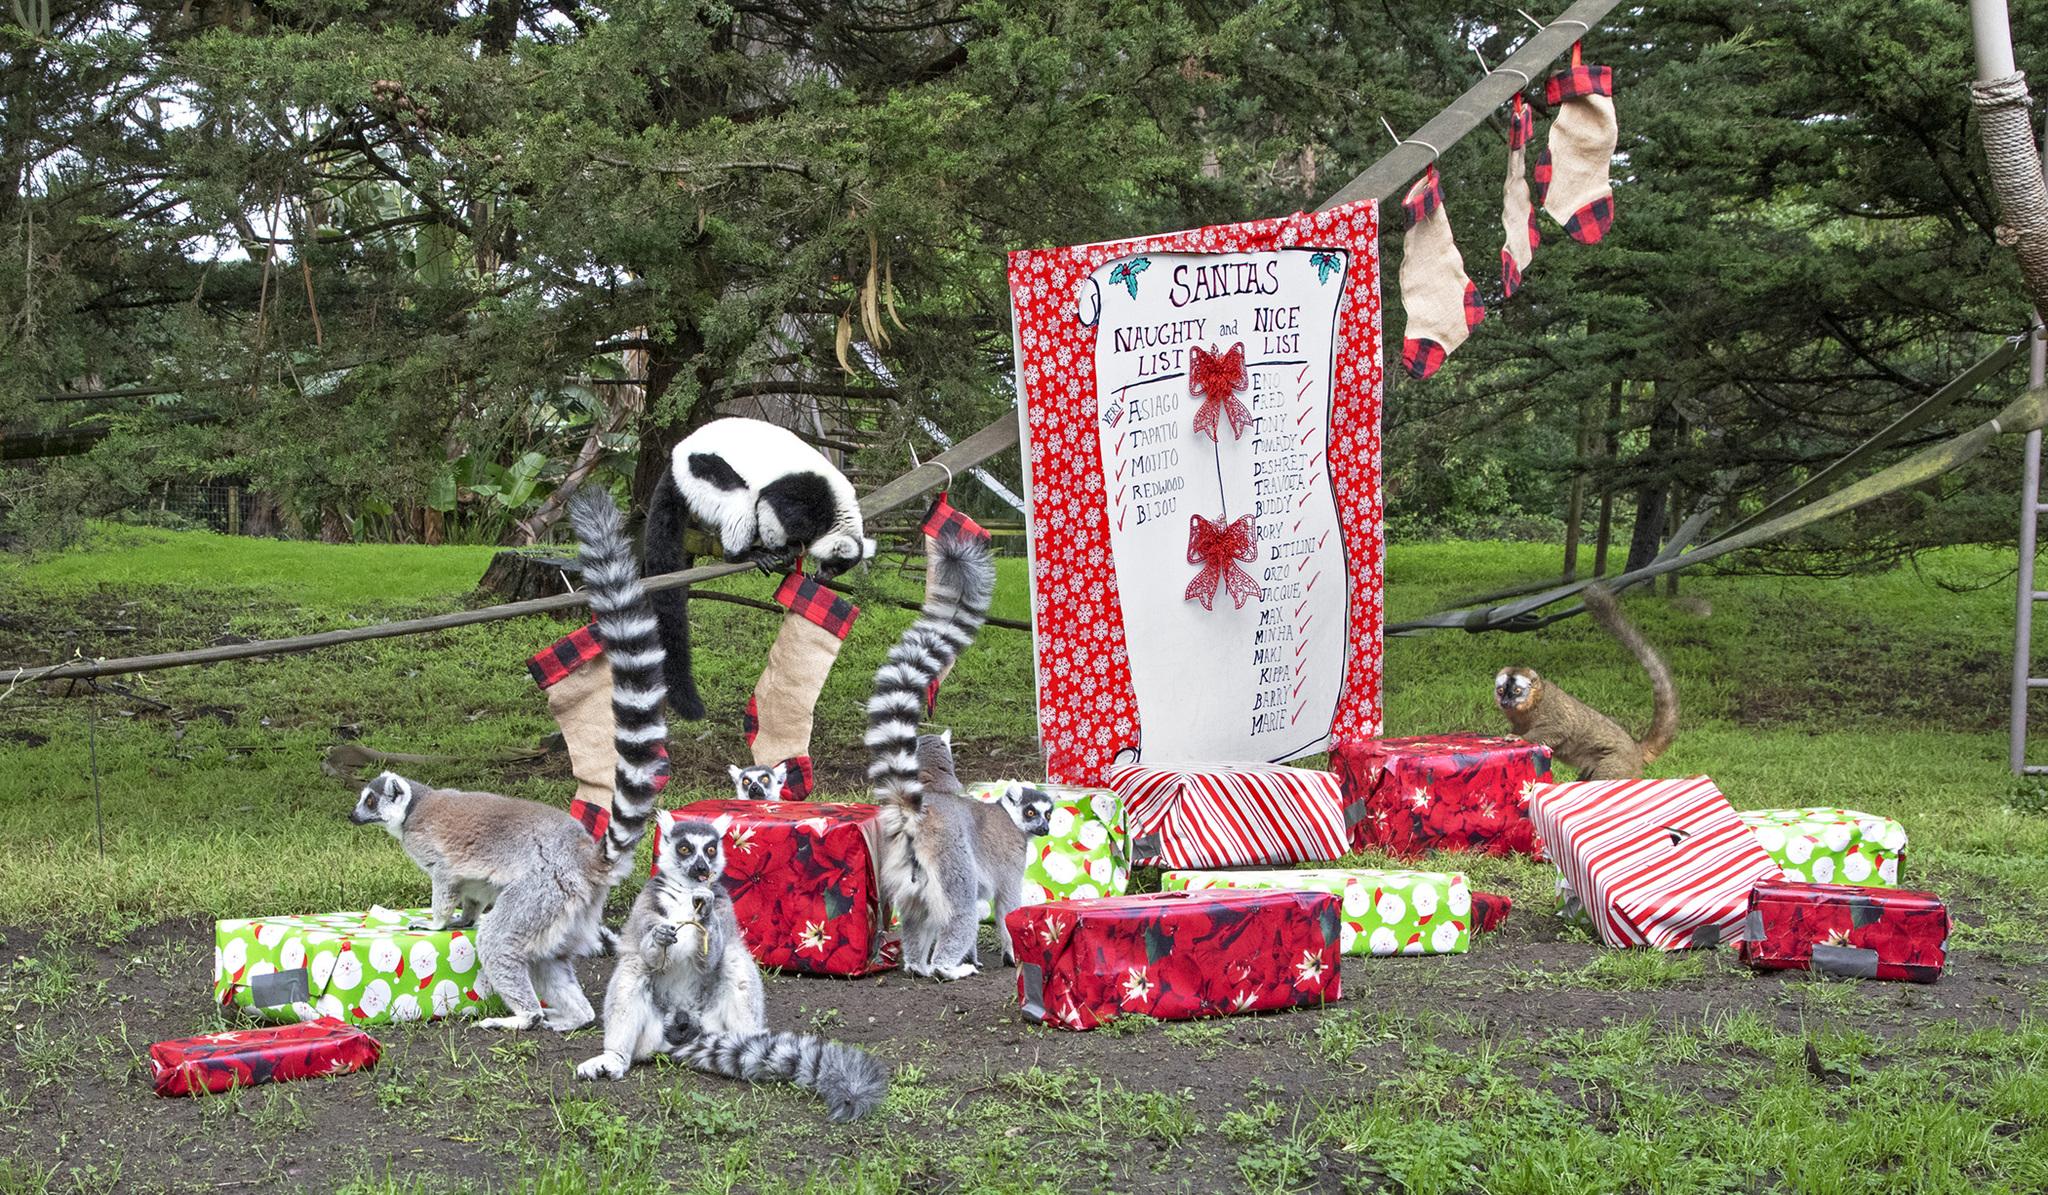 San Francisco Zoo animals receive holiday treats   KRON4